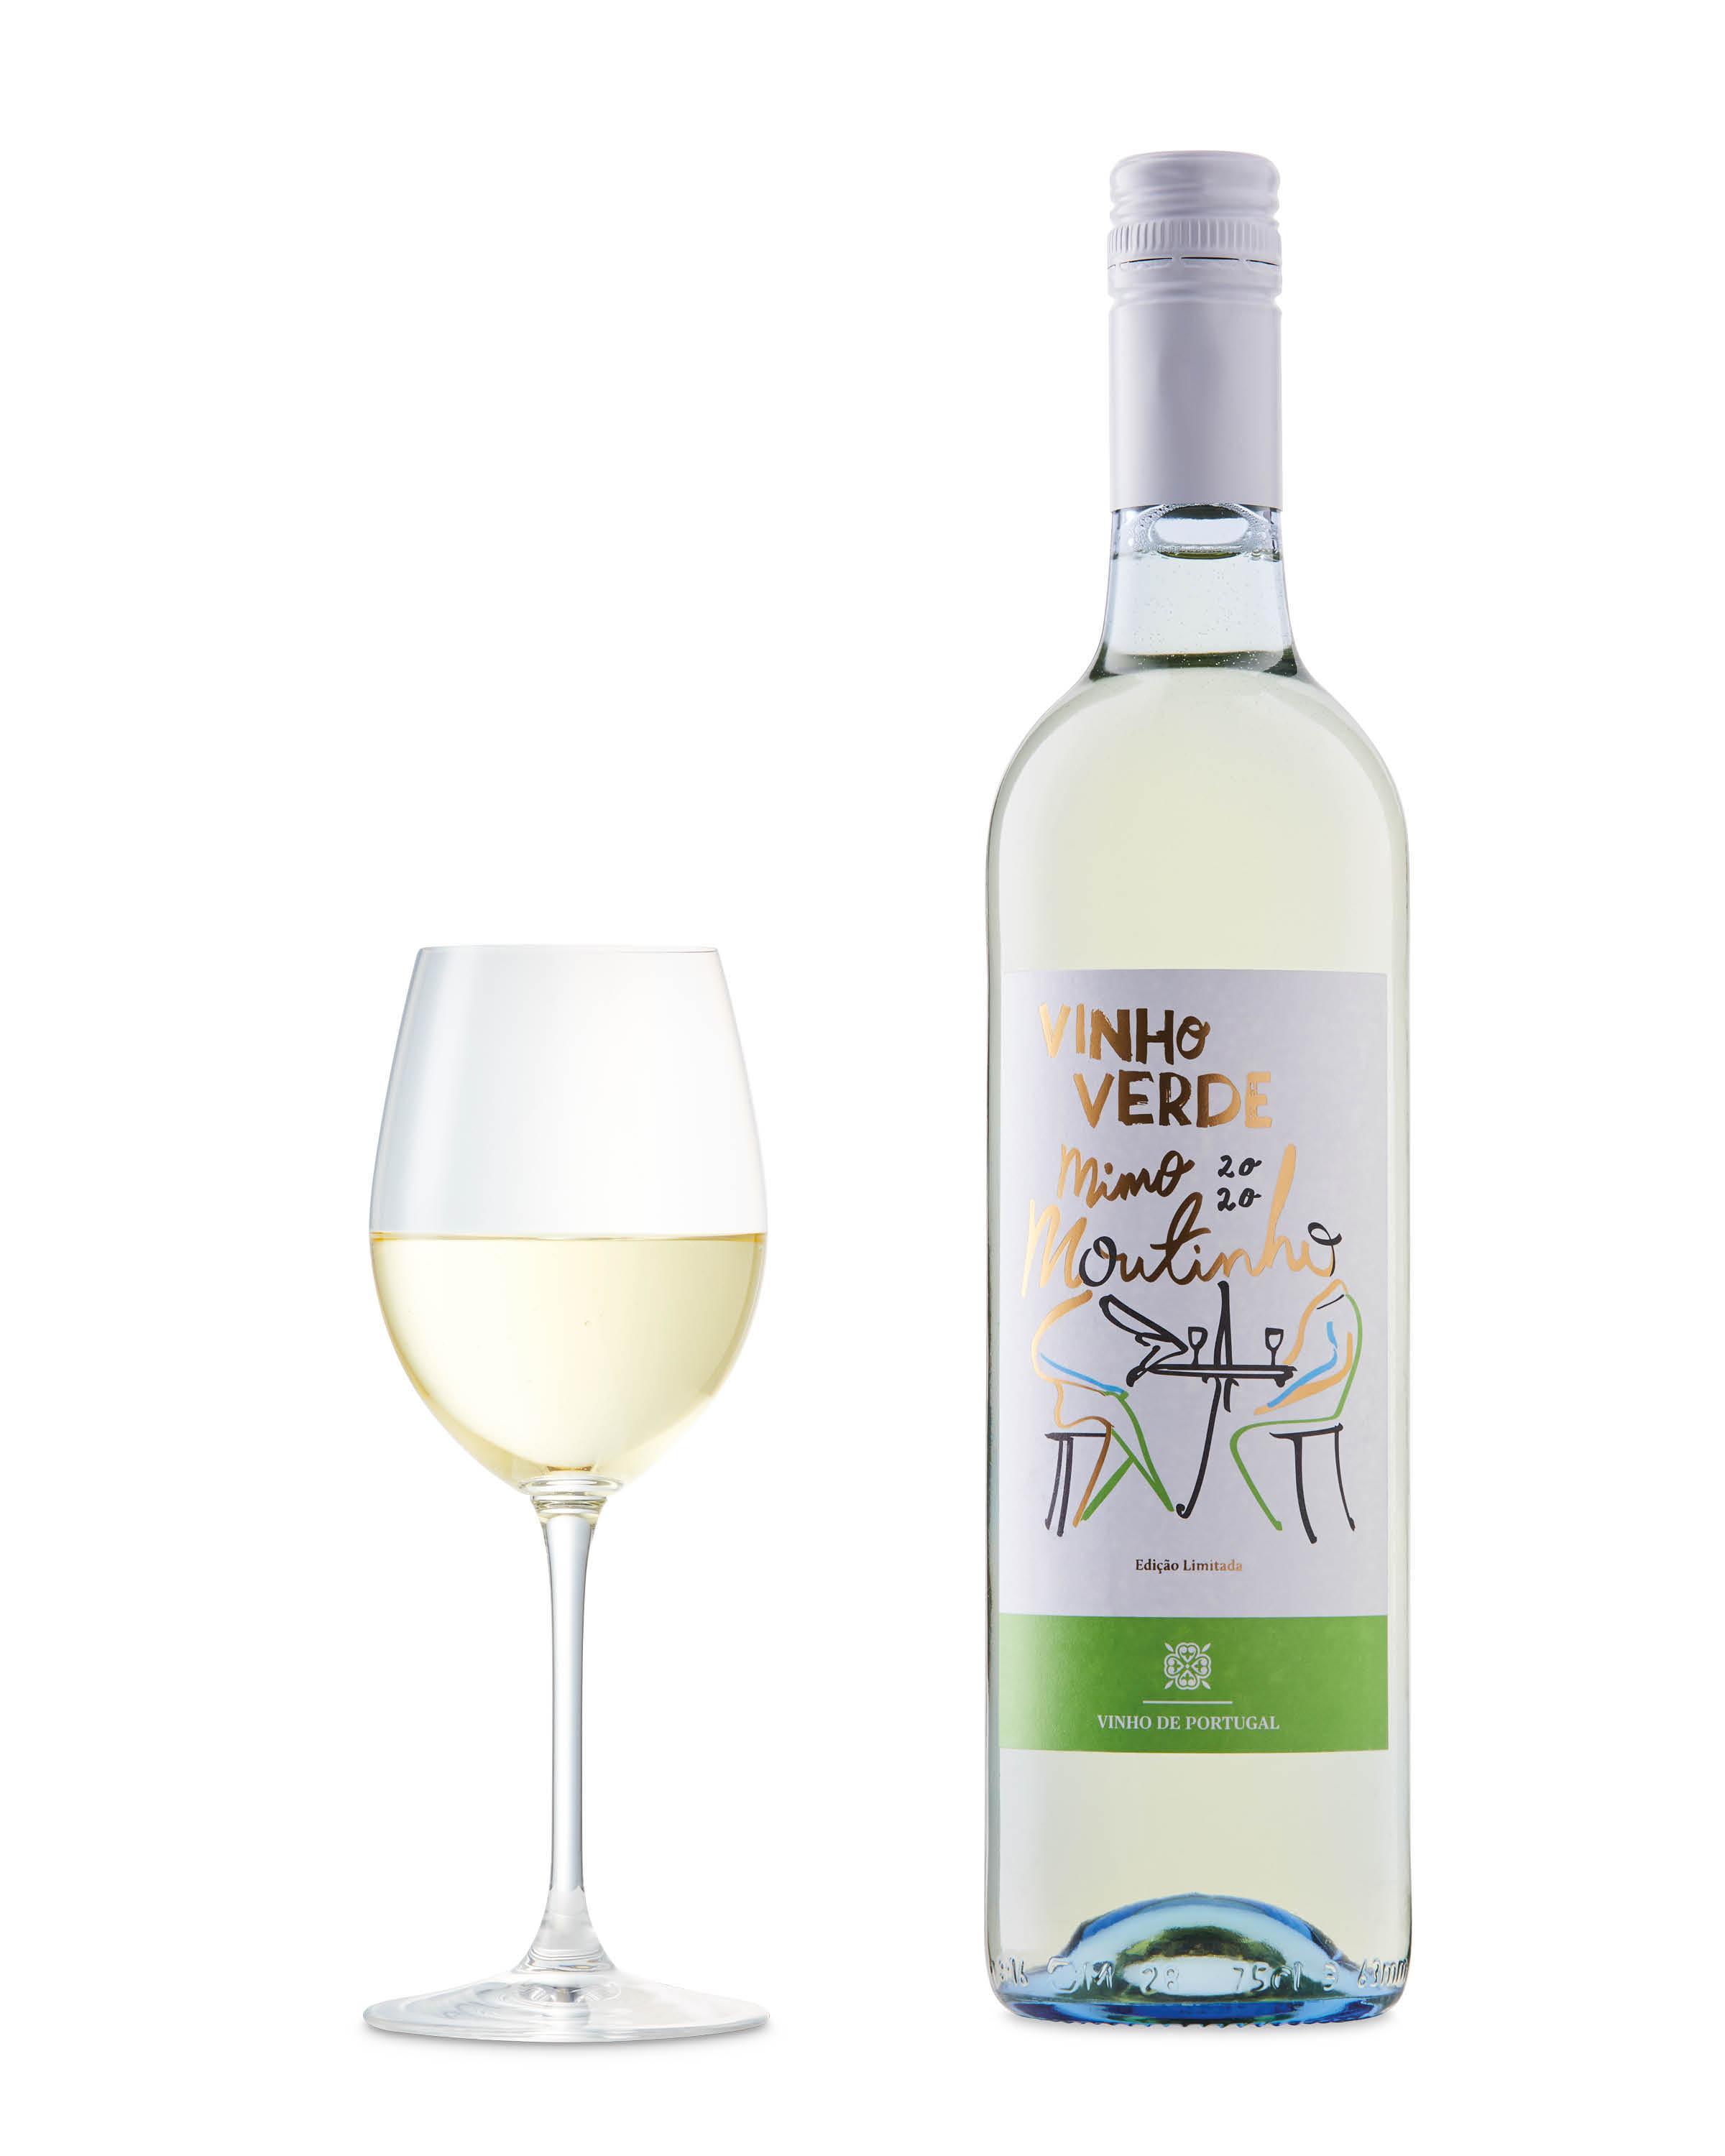 Mimo Moutinho Portuguese Vinho Verde